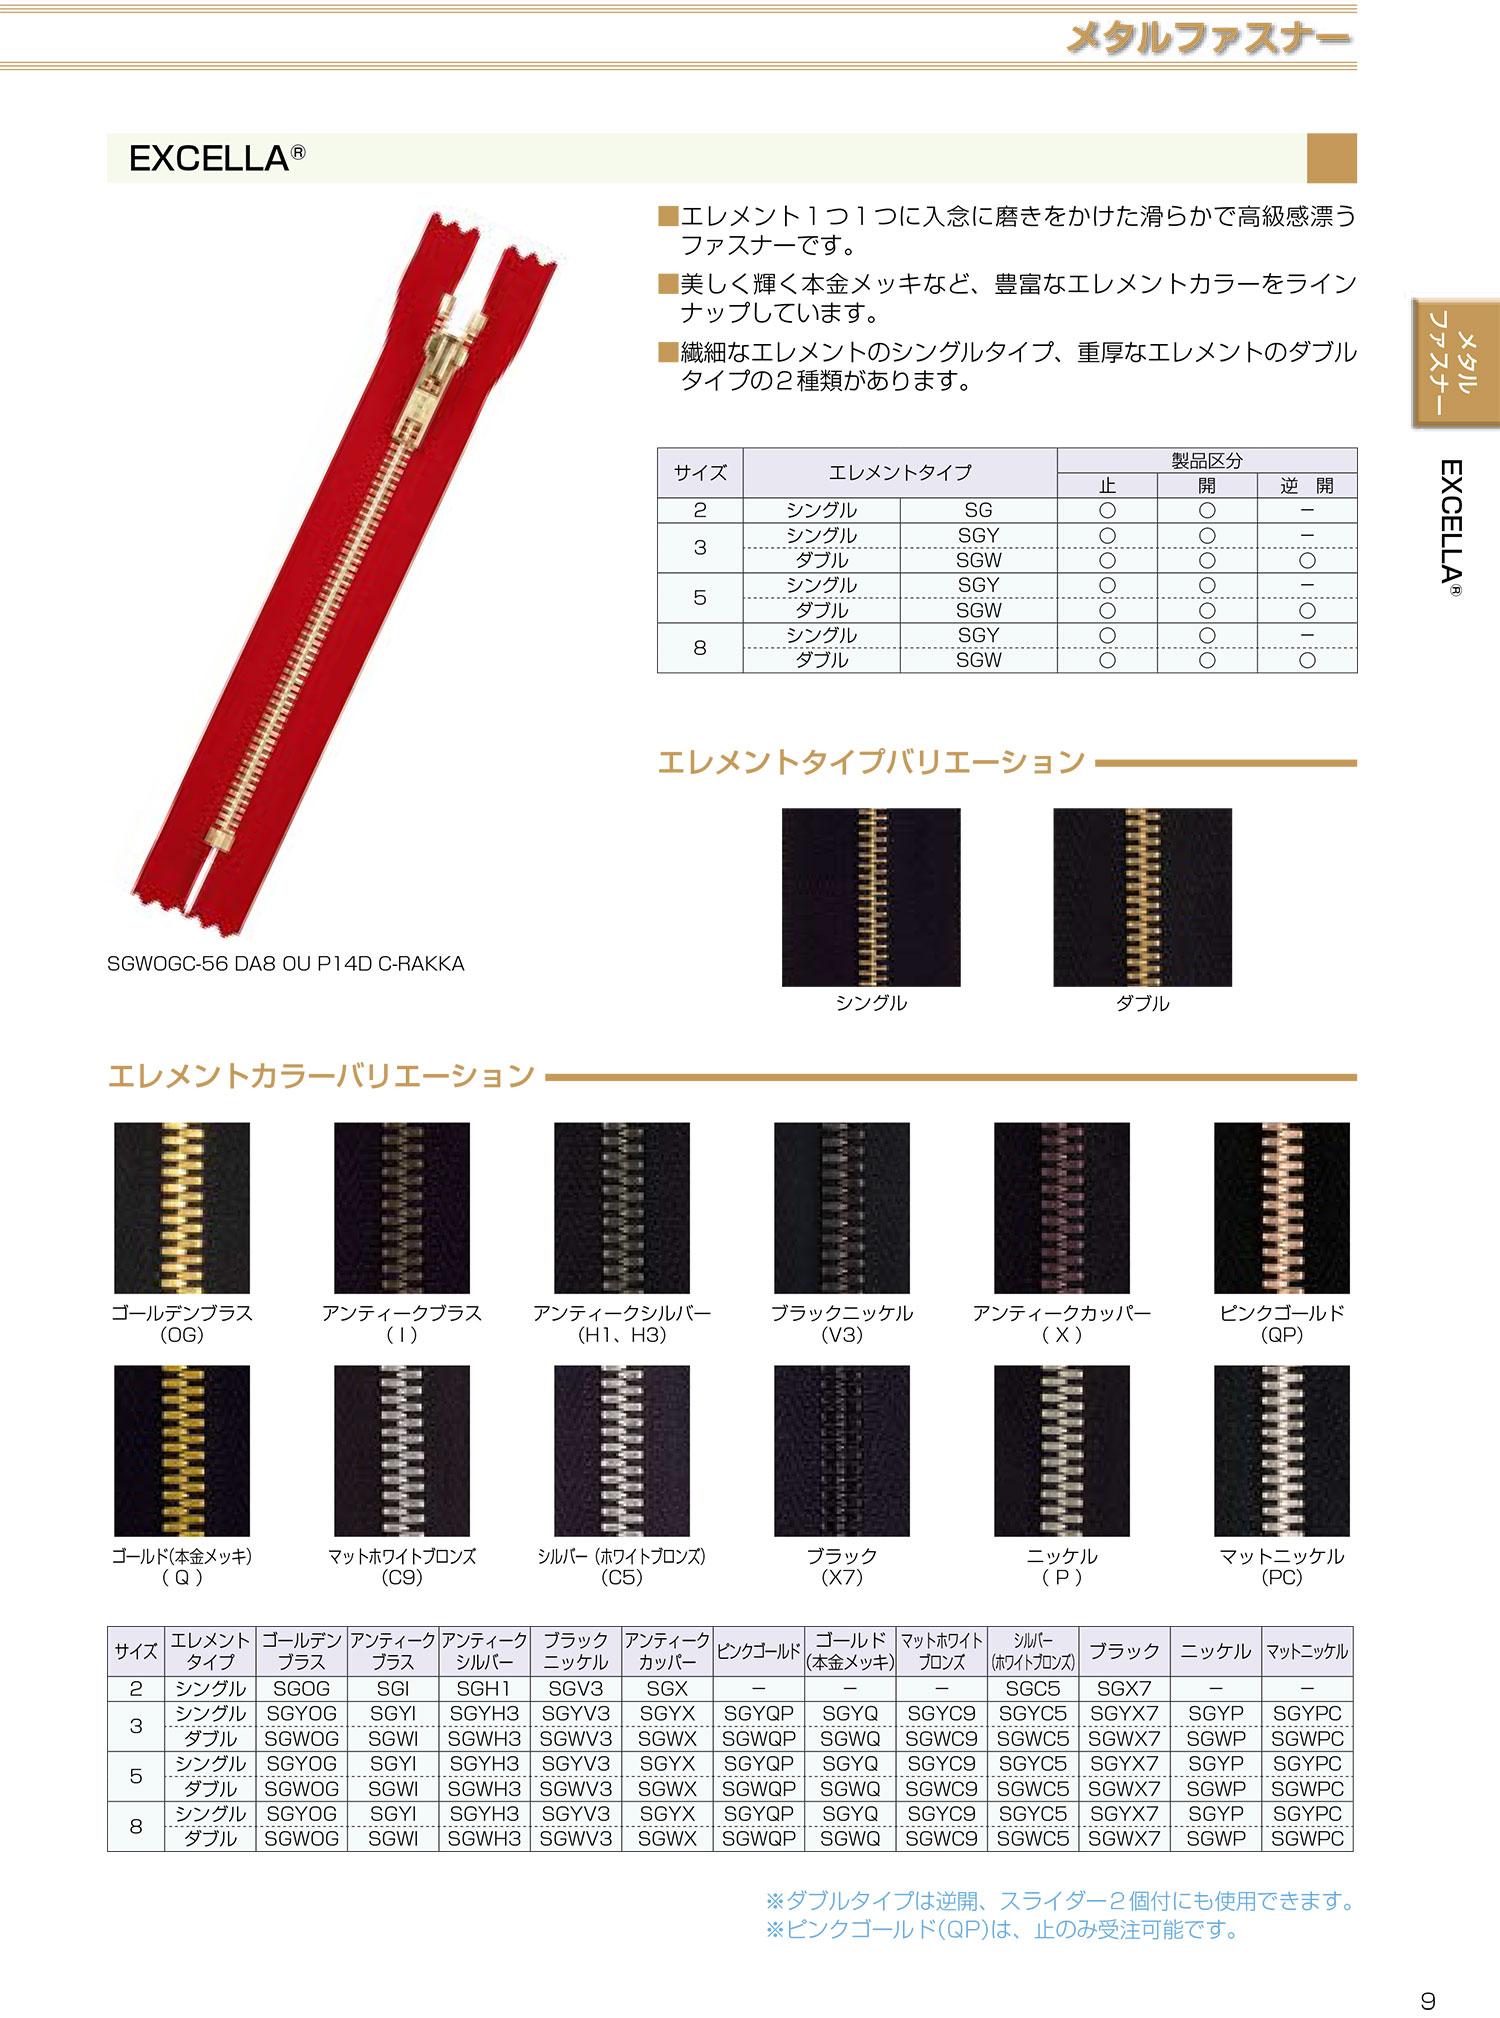 5SGWC5OR エクセラ 5サイズ シルバー(ホワイトブロンズ) オープン ダブル[ファスナー] YKK/オークラ商事 - ApparelX アパレル資材卸通販